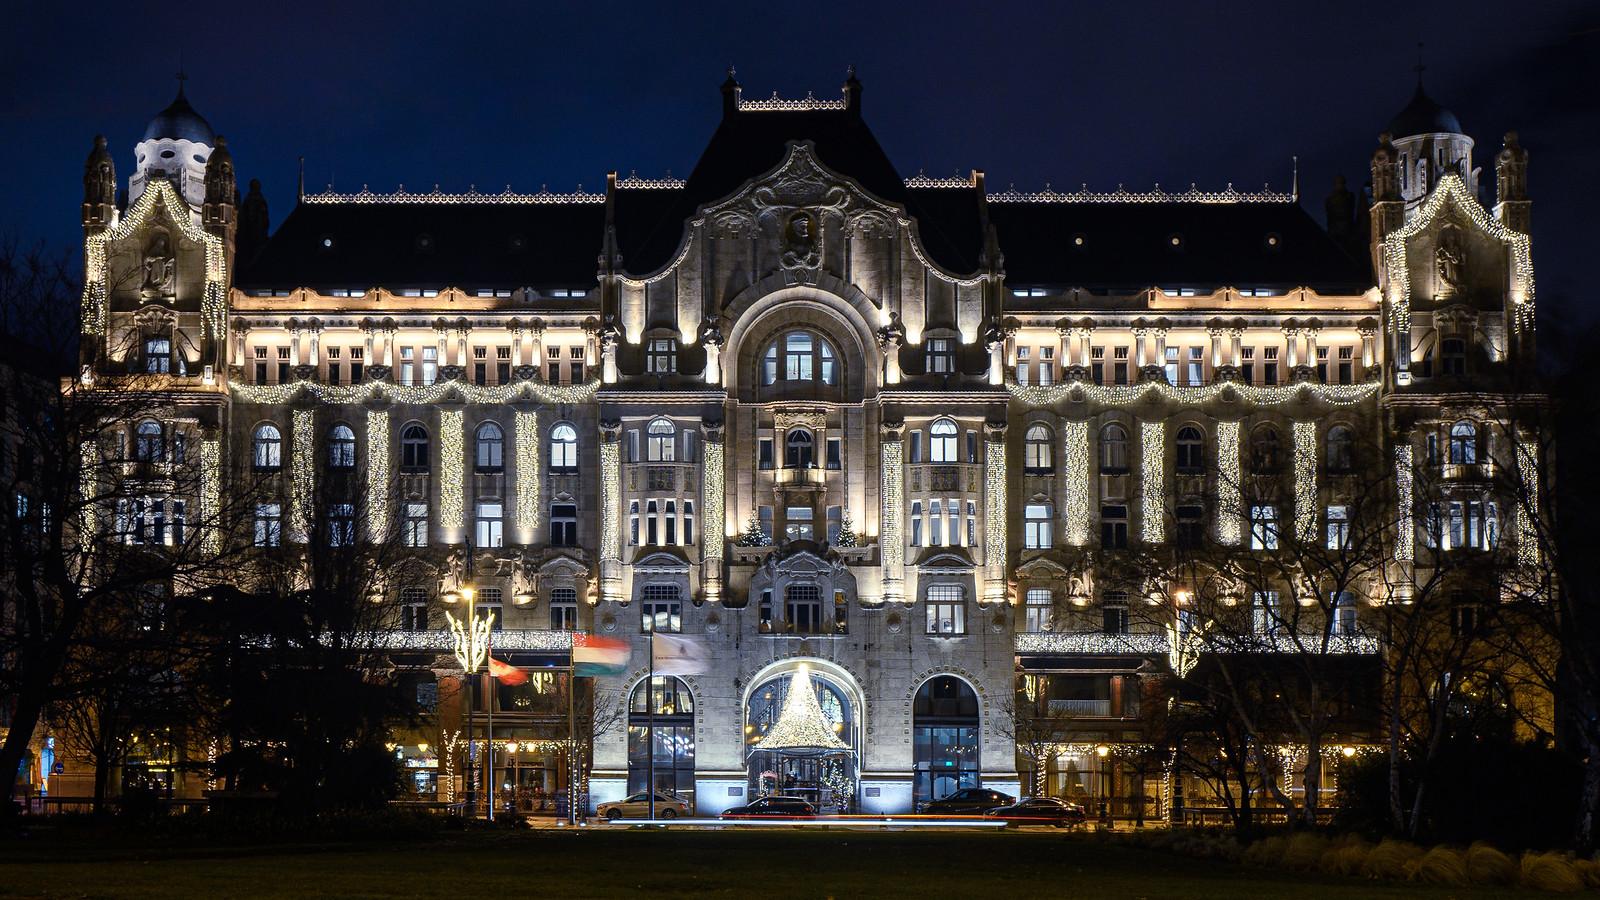 Hotel 4seasons budapest éjszaka fekete-fehérben